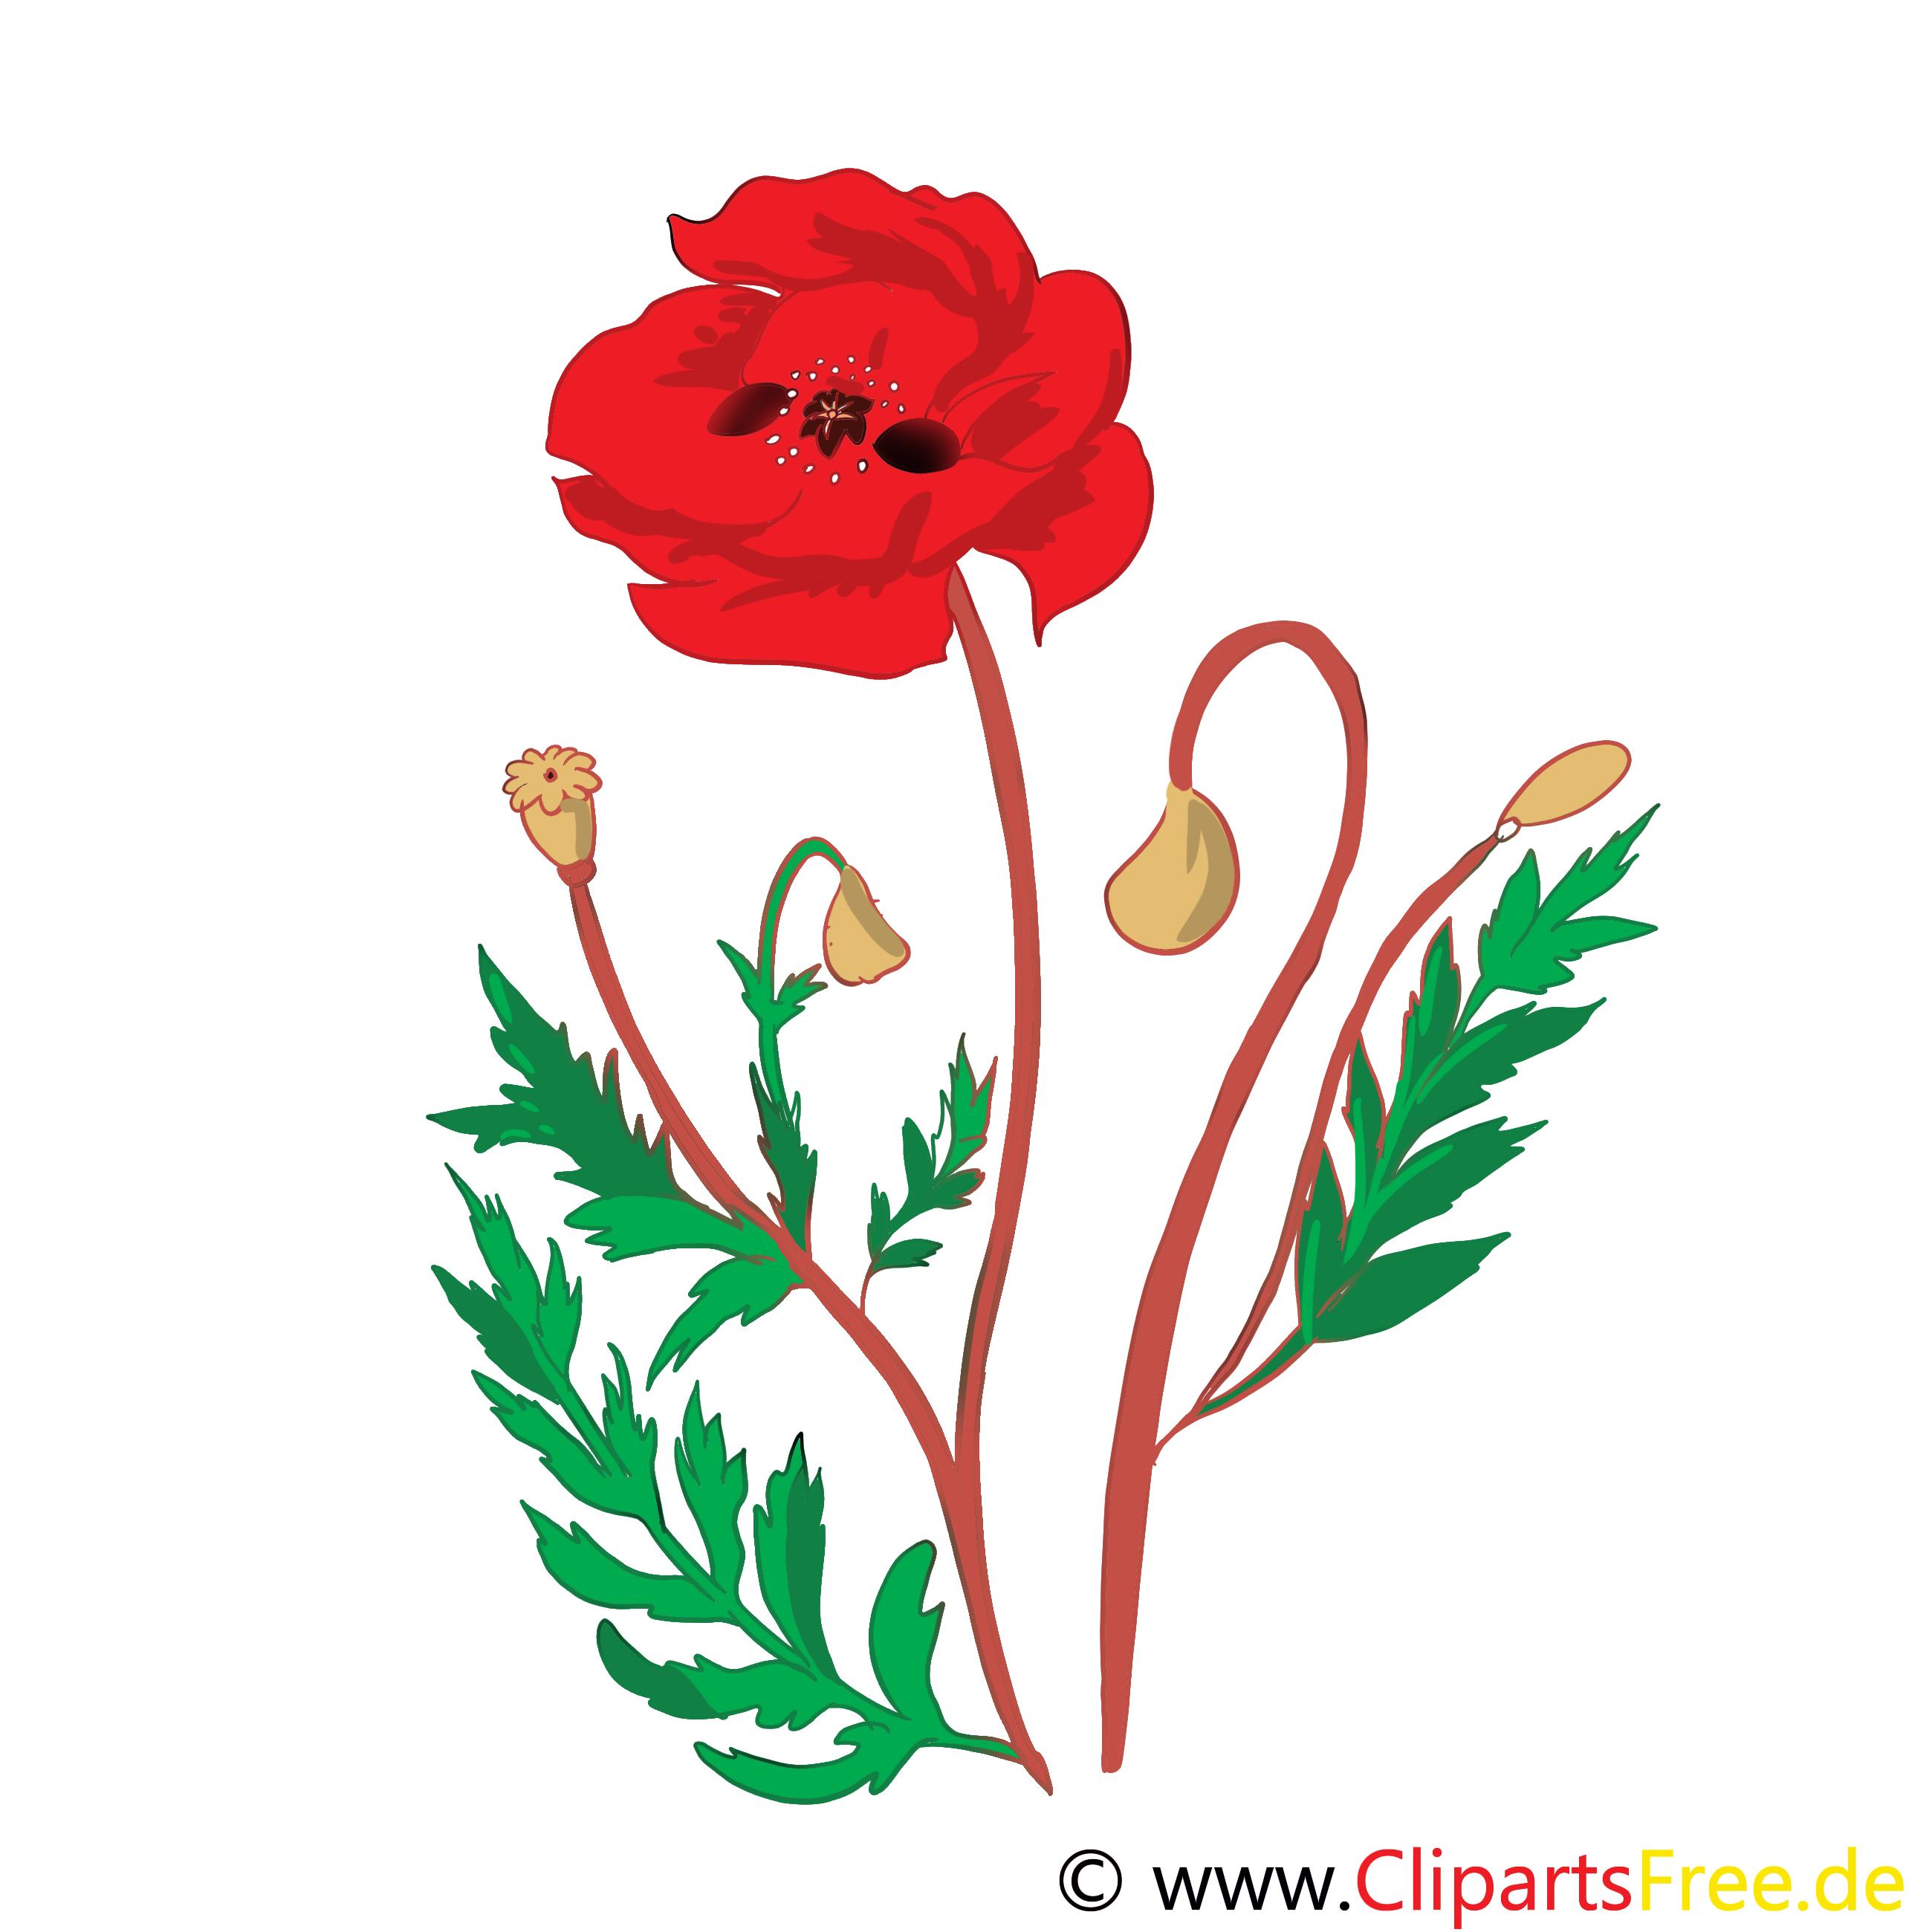 Pavot image – Fleurs images cliparts